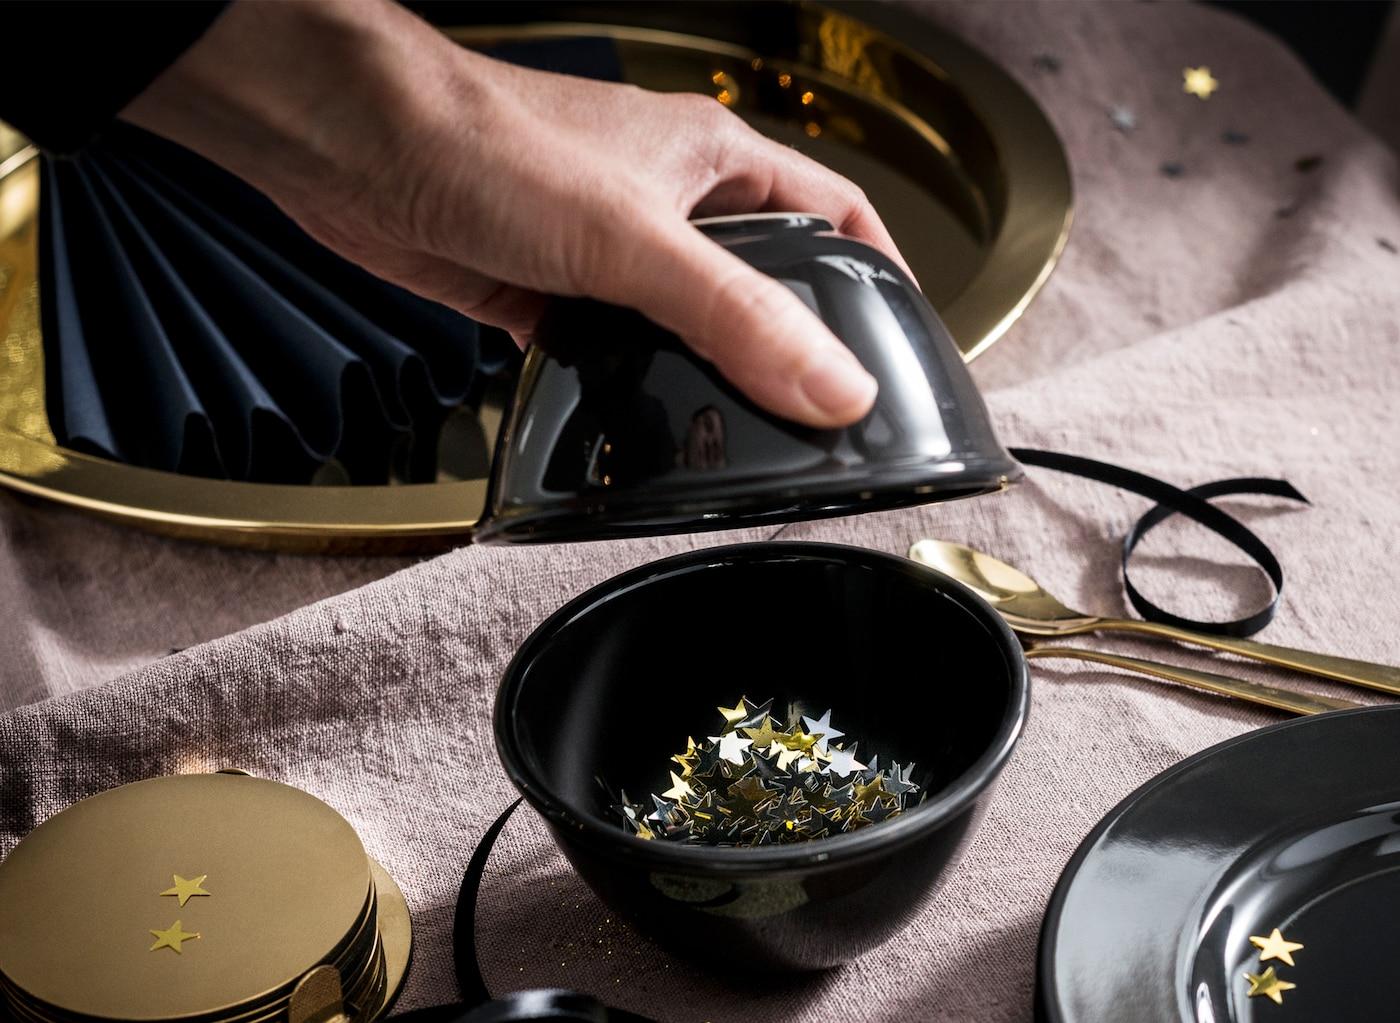 IKEA Geschenke für die letzte Minute sind unter anderem ein wärmendes Schokoladenlöffelrezept, handbemalte Weinflaschen und Geschirr in goldener Luxusausgabe.